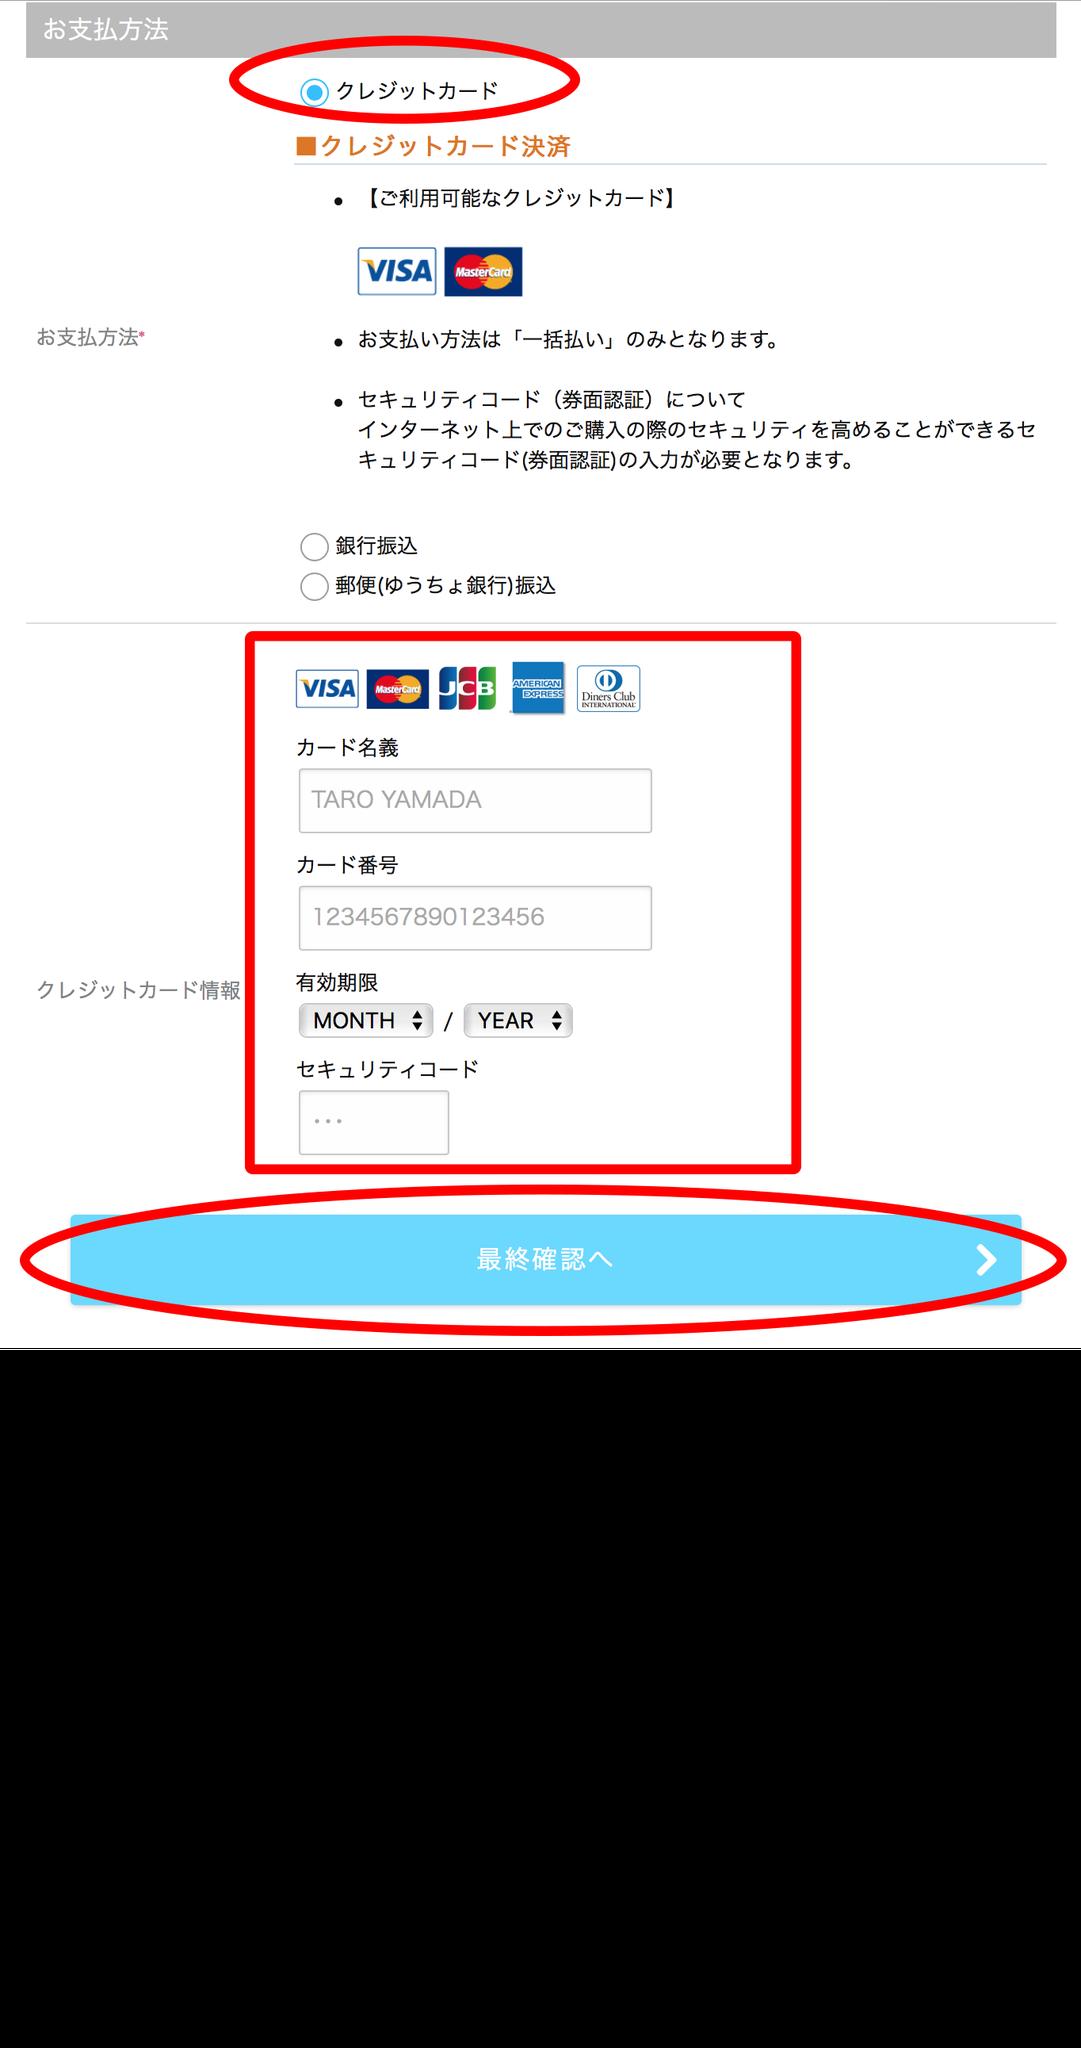 ・「クレジットカード」の場合、チェックして「クレジットカード情報」を入力し「最終確認へ」をクリック